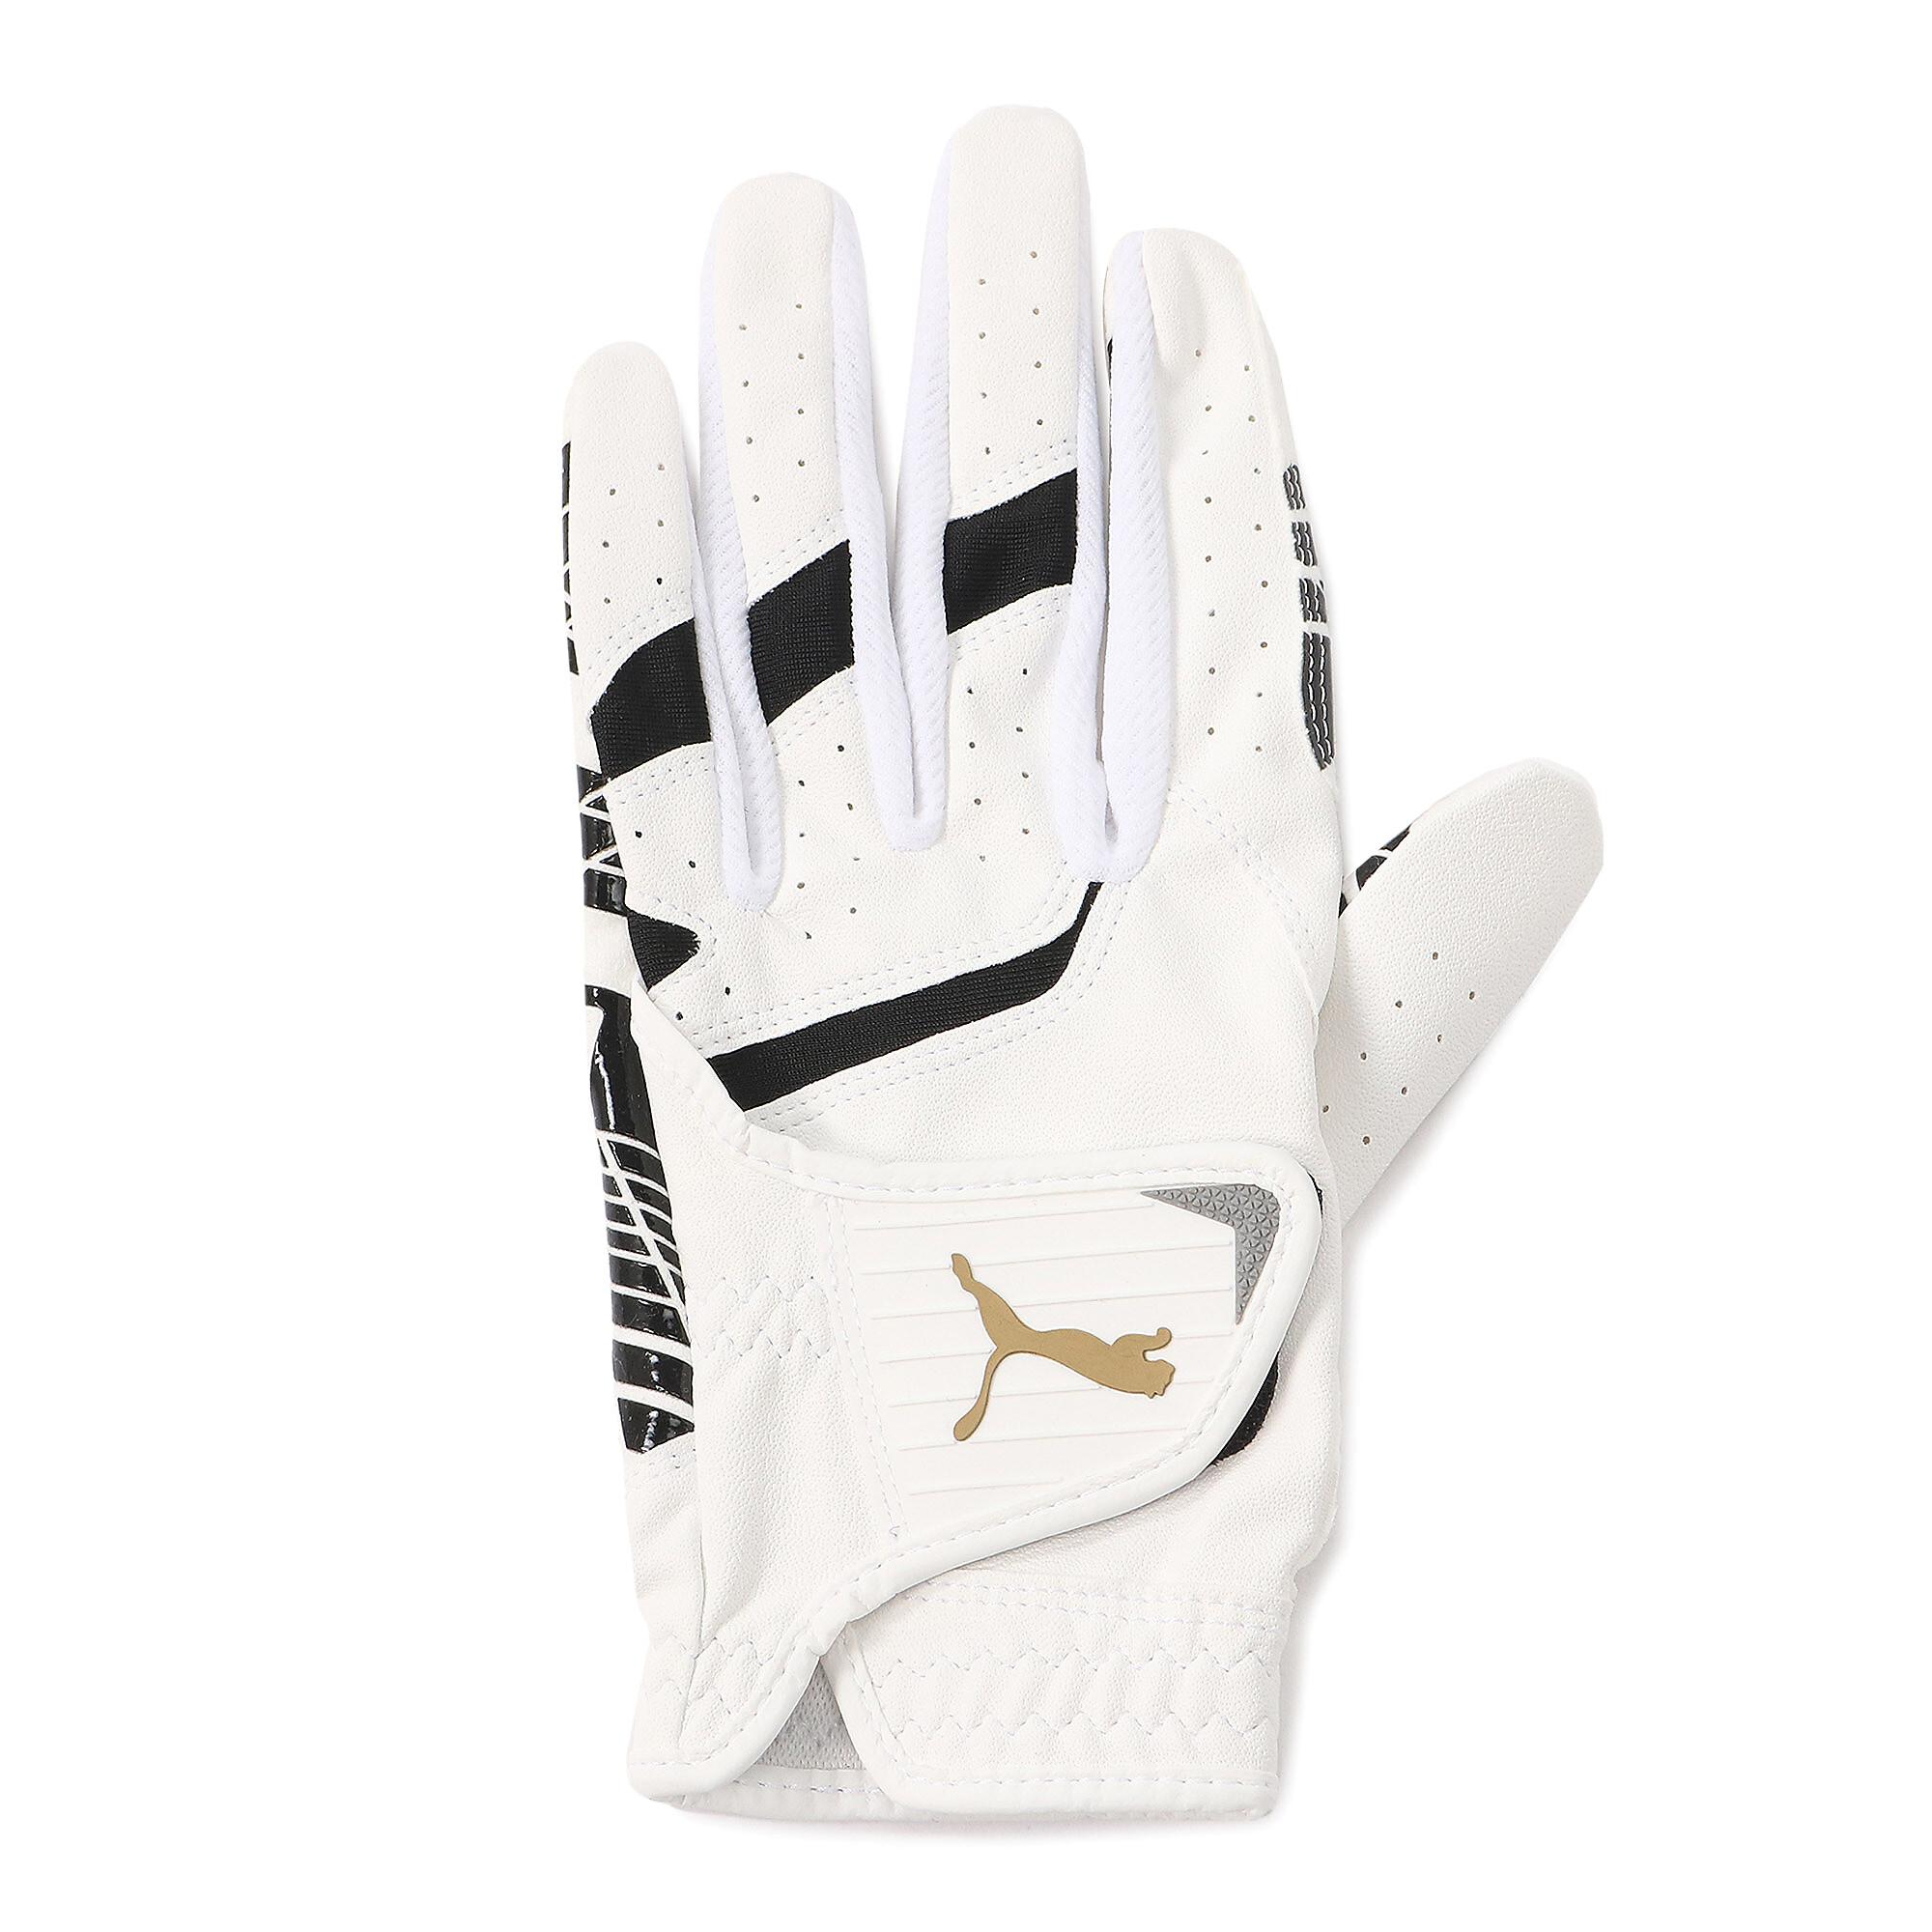 【プーマ公式通販】 プーマ ゴルフ パウンス グリップ グローブ 左手用 メンズ BRIGHT WHITE-PUMA BLACK |PUMA.com